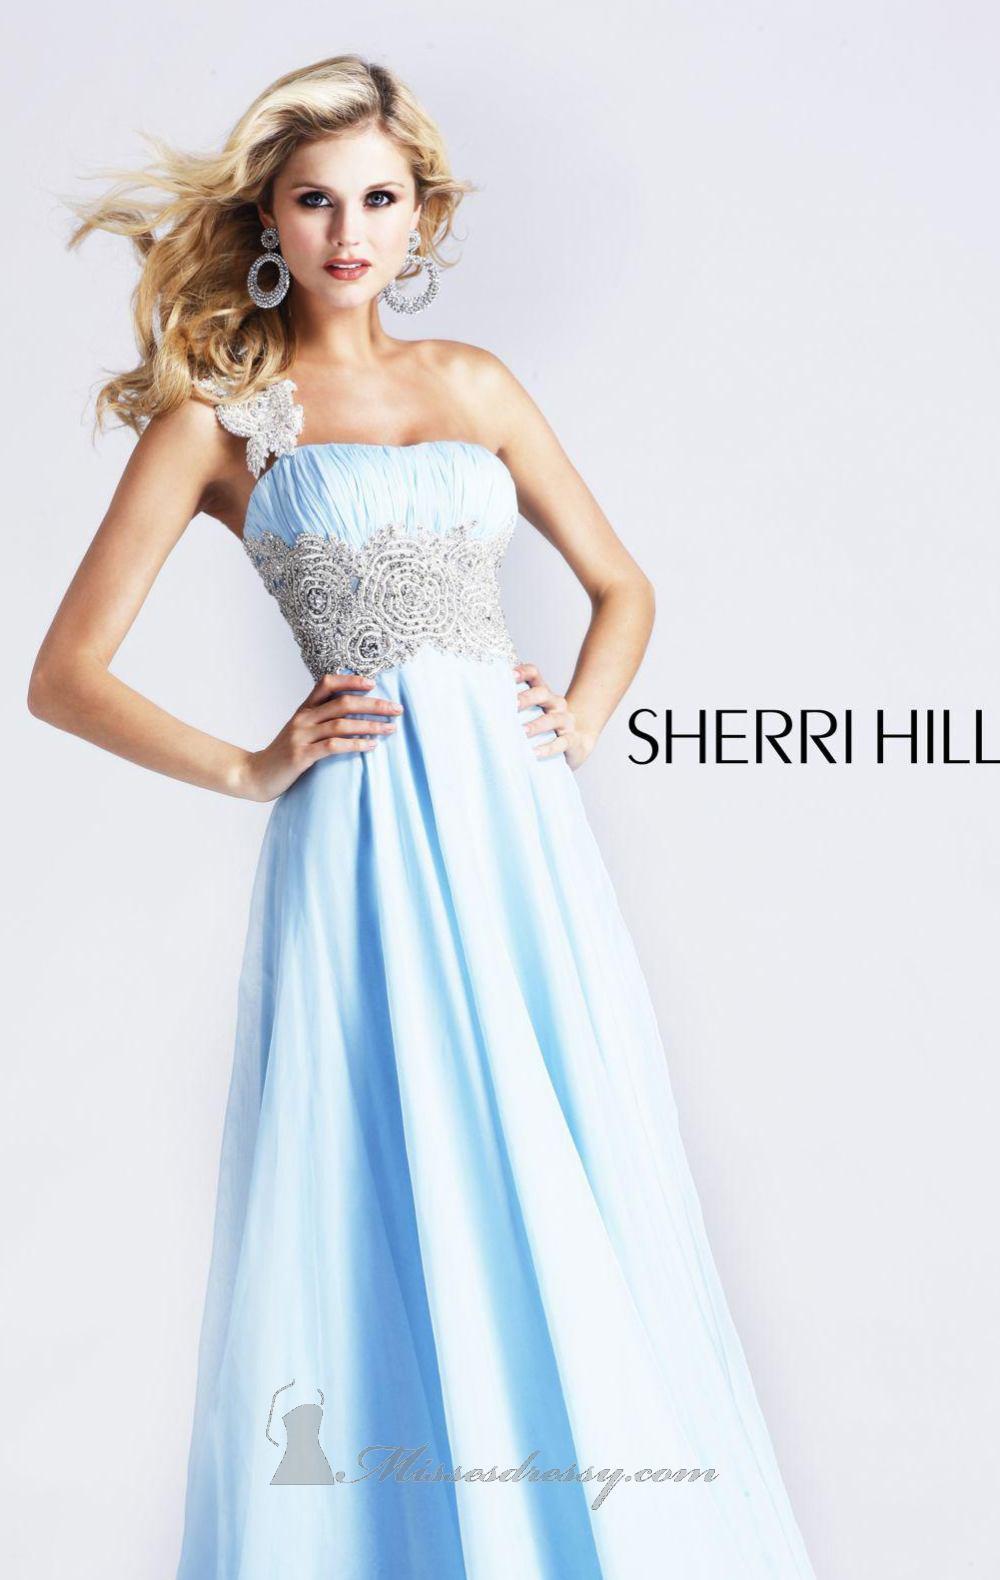 جديدة 2014وماتحلي السهره الا بأجمل الفساتينفساتين سهره جميله فساتين حديثهفساتين